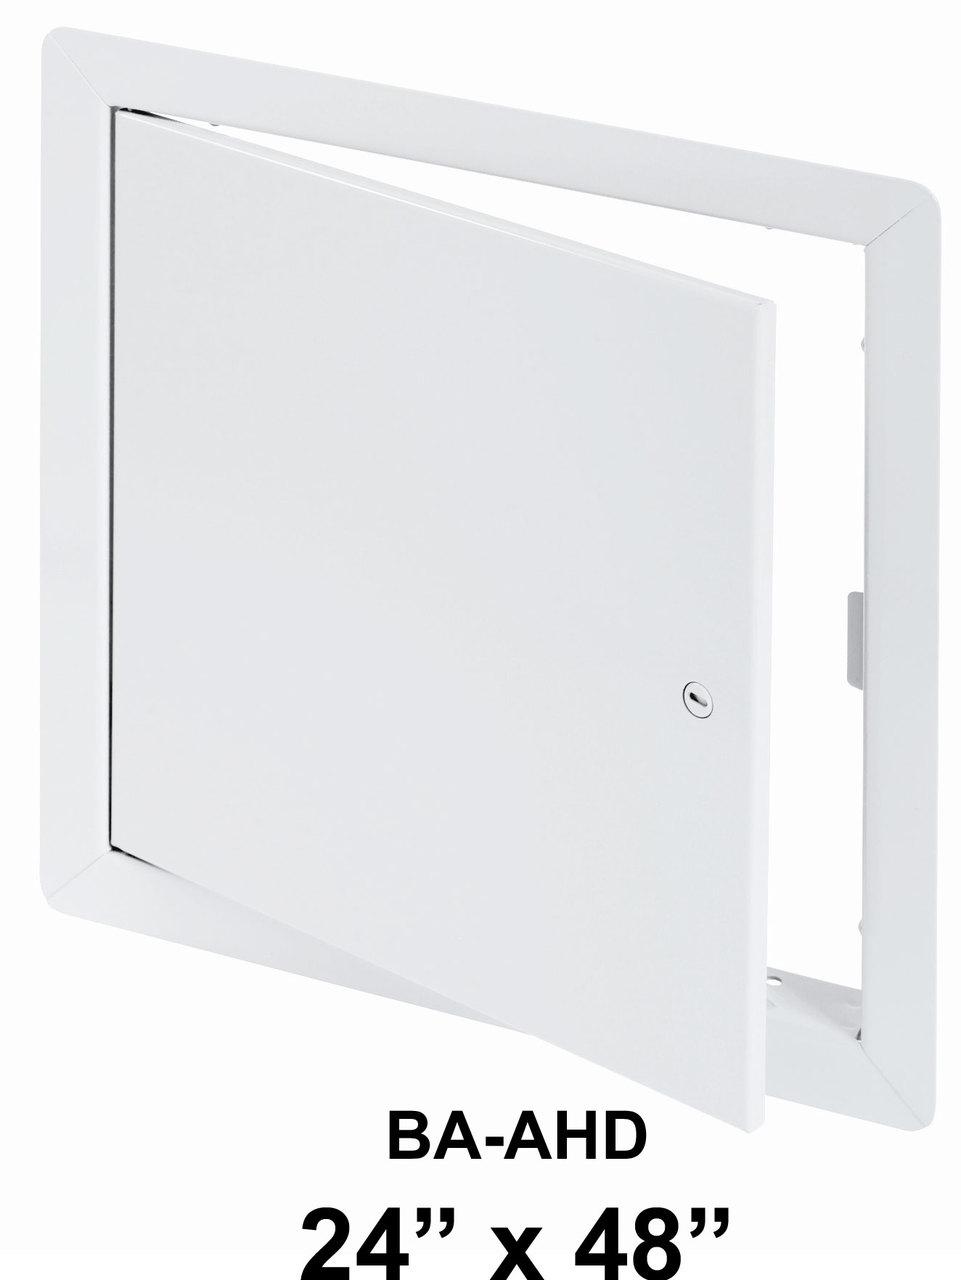 BA-AHD Access Door 24″ x 48″ General Purpose Door with Flange – BEST